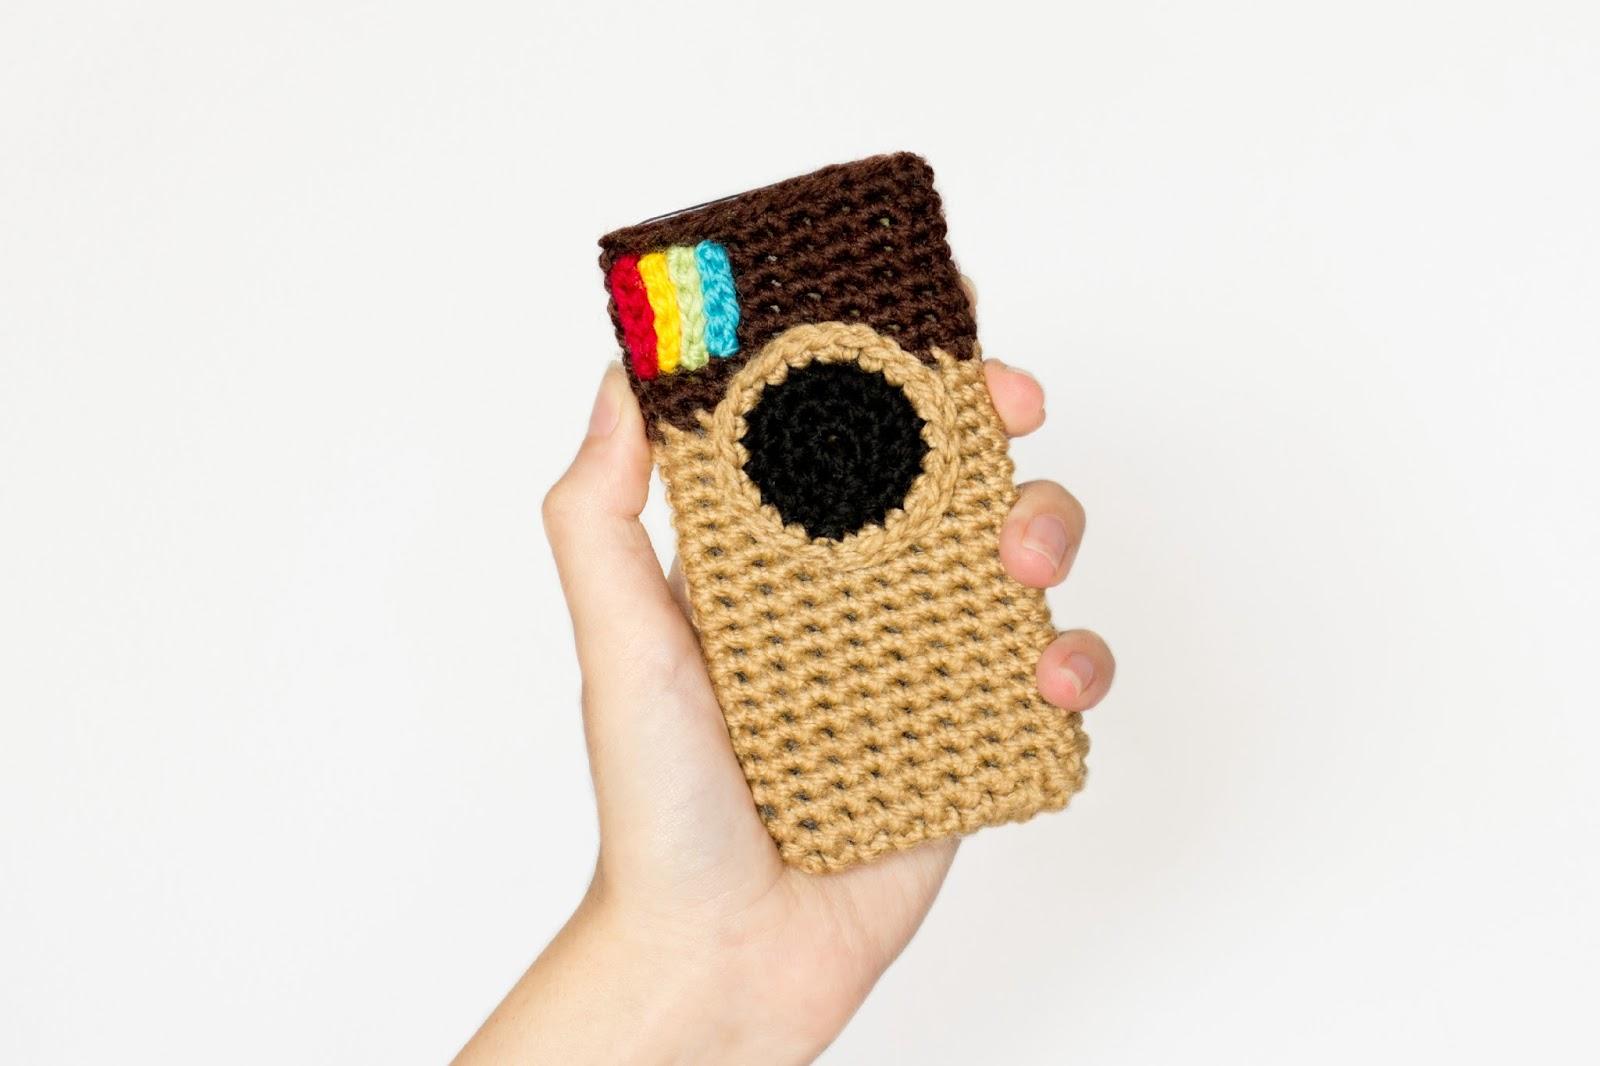 http://3.bp.blogspot.com/-dASuJ2Xu0bw/Ux6gjks-7rI/AAAAAAAAHyg/CO45CetiQjw/s1600/Instagram+Inspired+Phone+Case+Crochet+Pattern+2.jpg